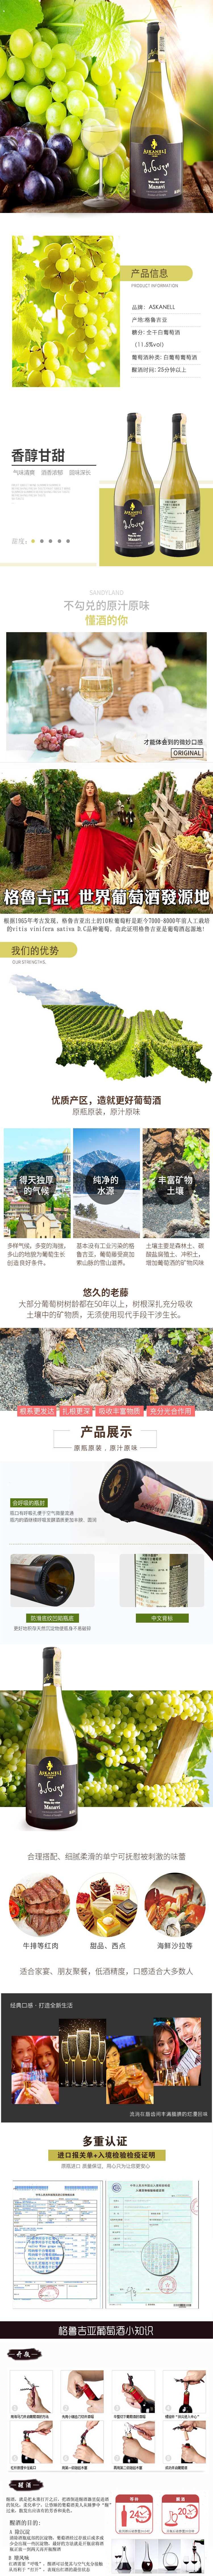 瑪納維干白葡萄酒詳情頁